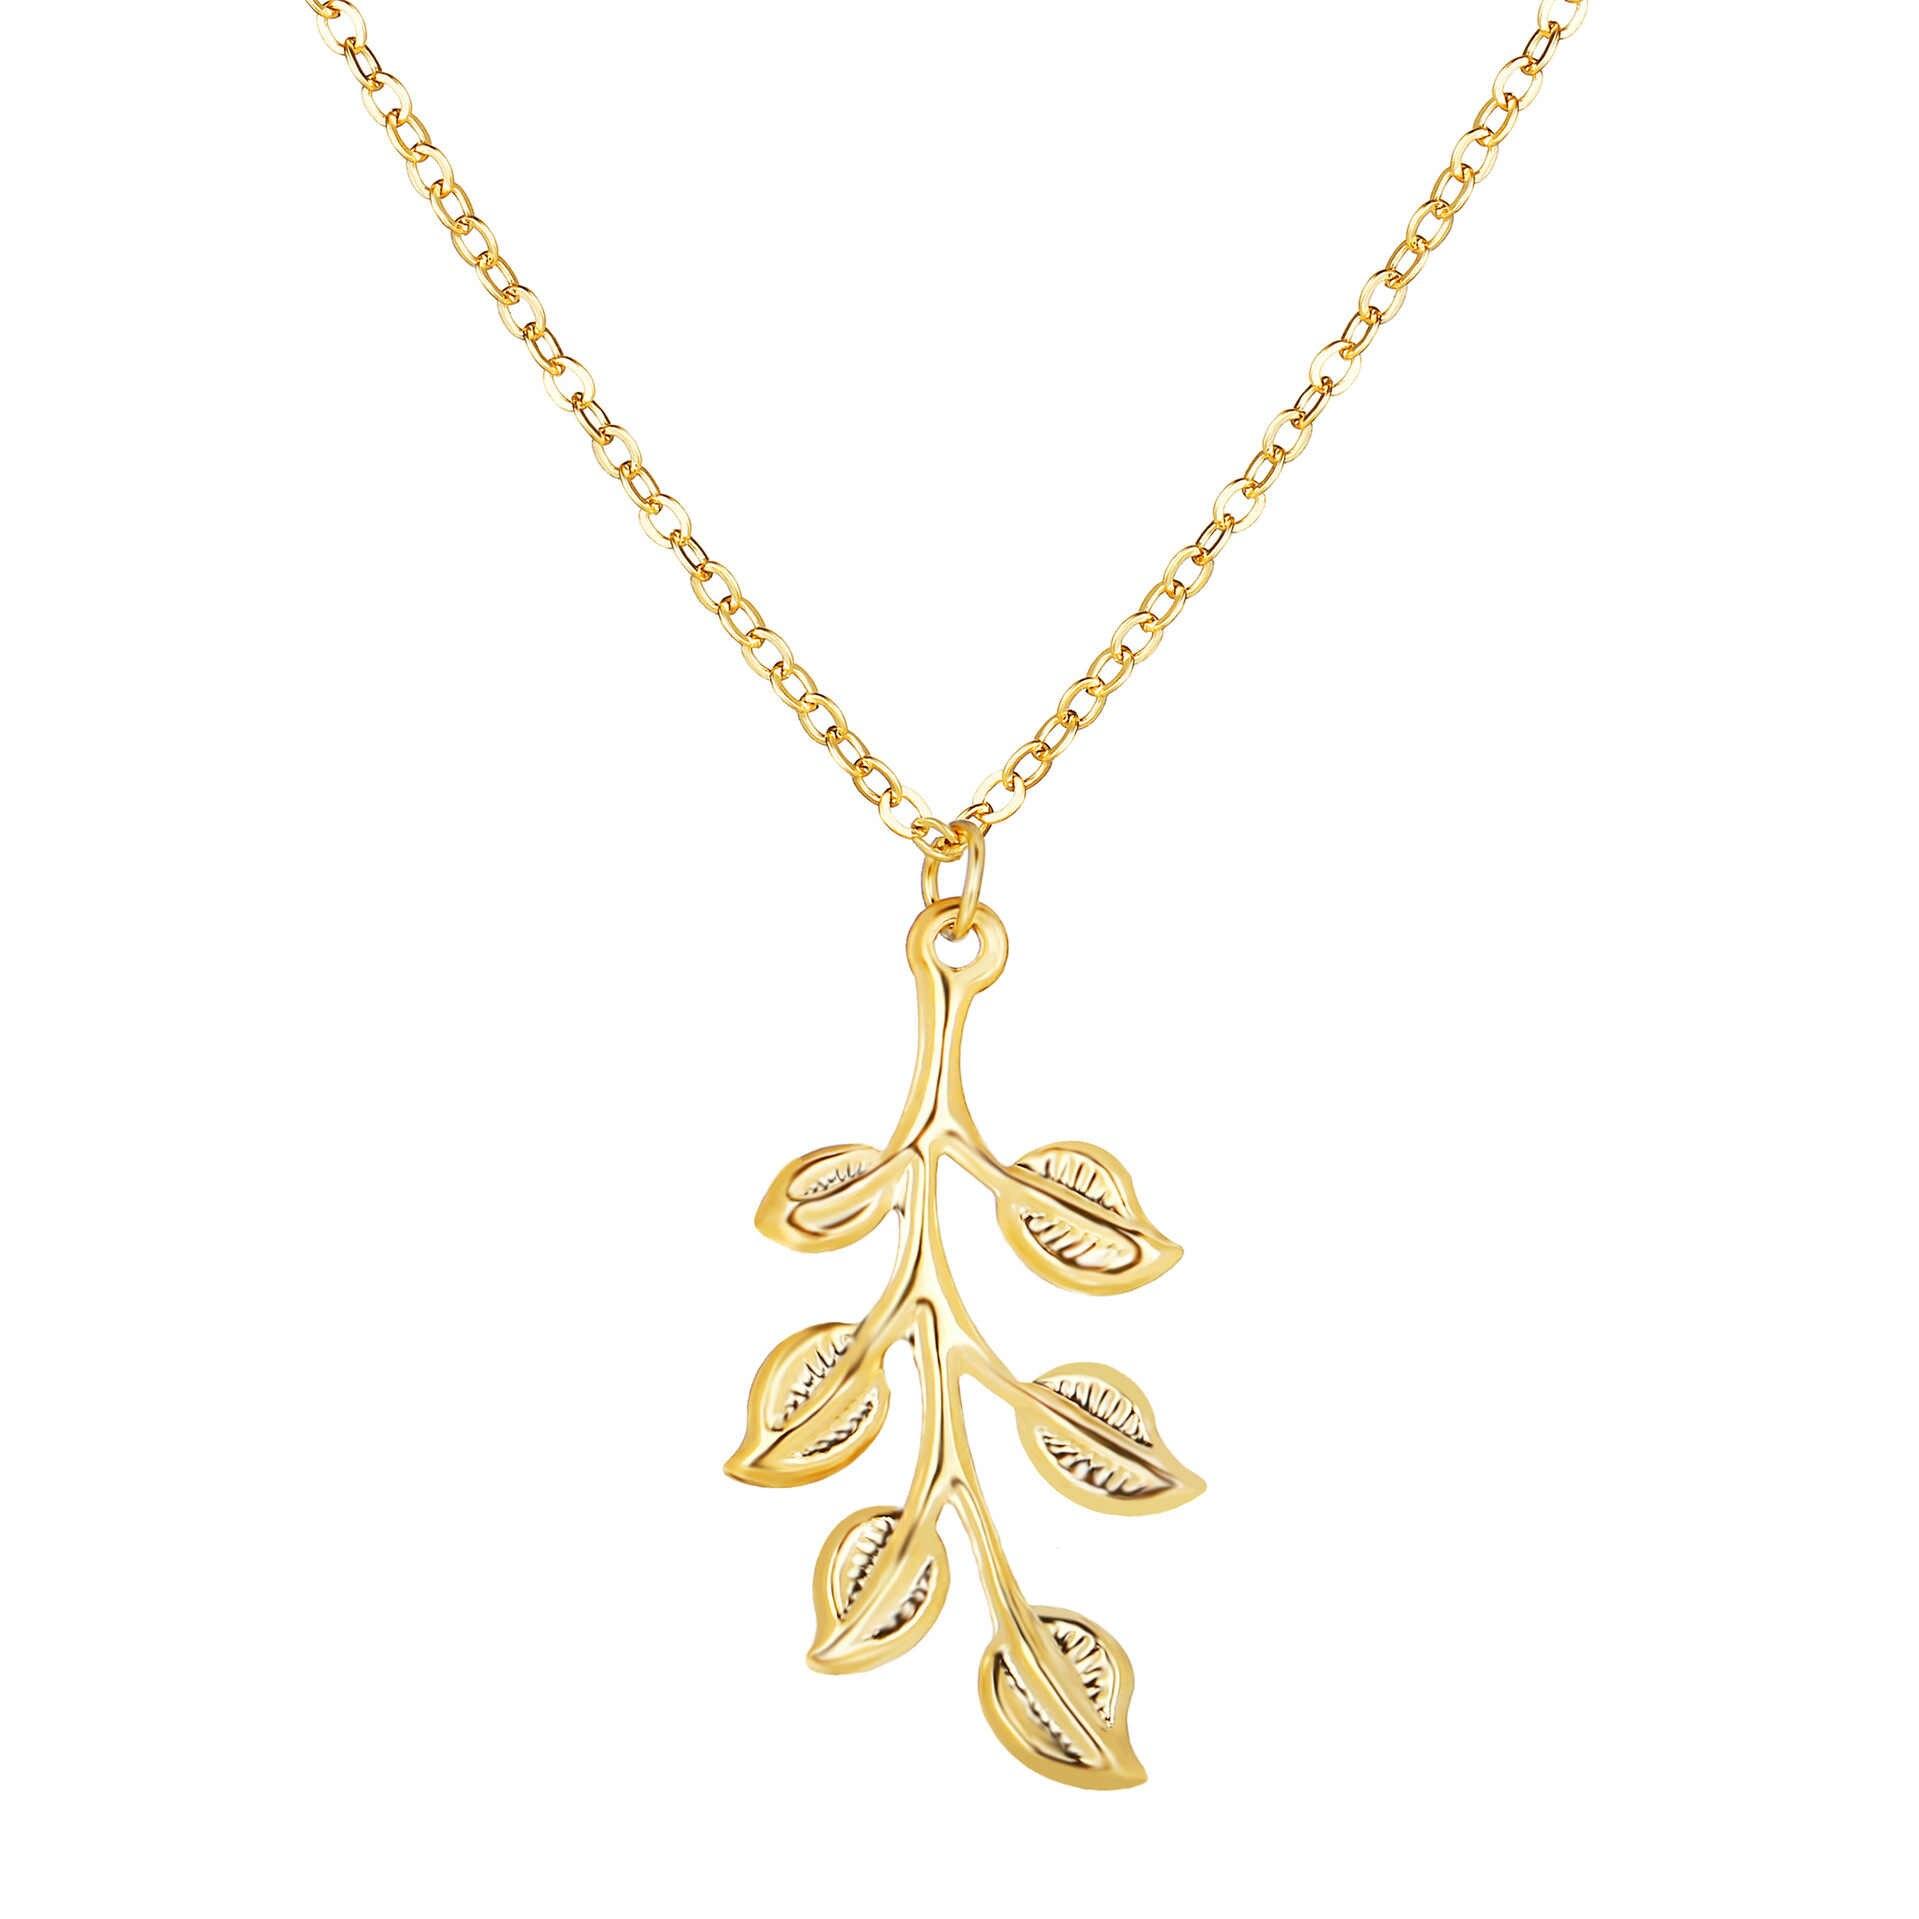 Gold Farbe Blatt Halskette Anlage Blätter Anhänger Erklärung Charm Lange Link Kette Für Frauen Männer Schmuck Zubehör